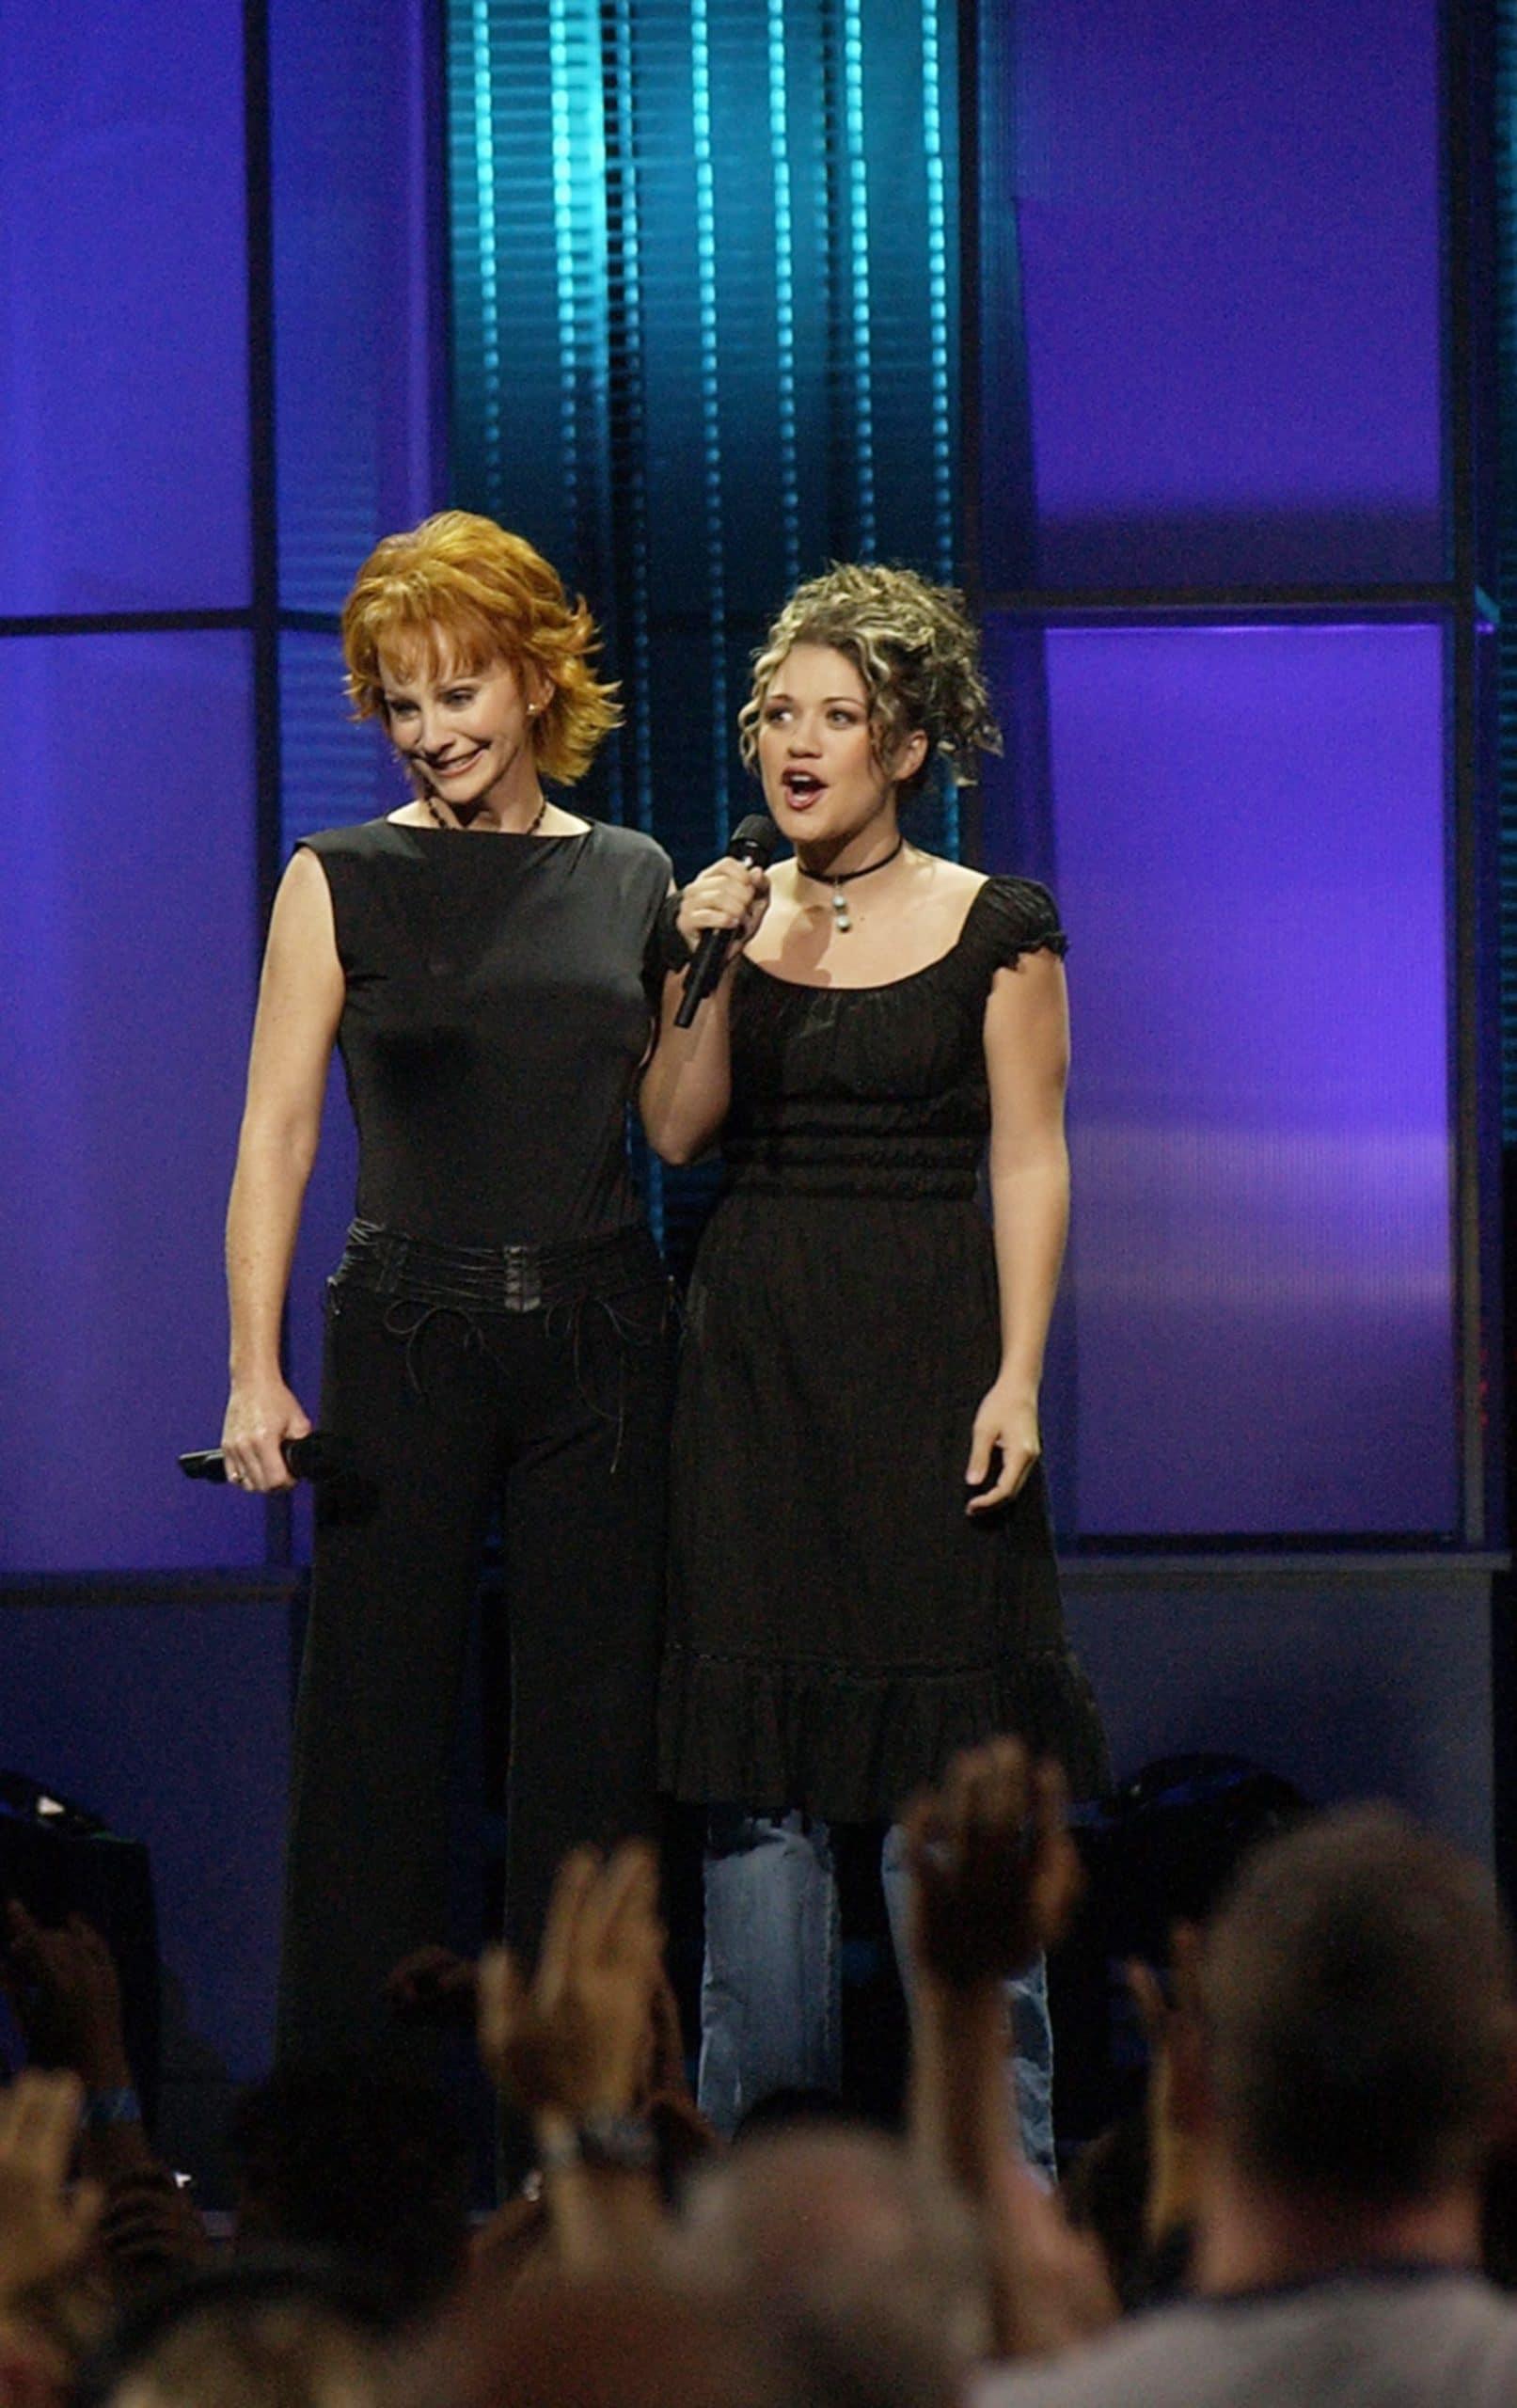 AMERICAN IDOL: REUNION IN VEGAS, Reba McEntire, Season 1 Winner Kelly Clarkson